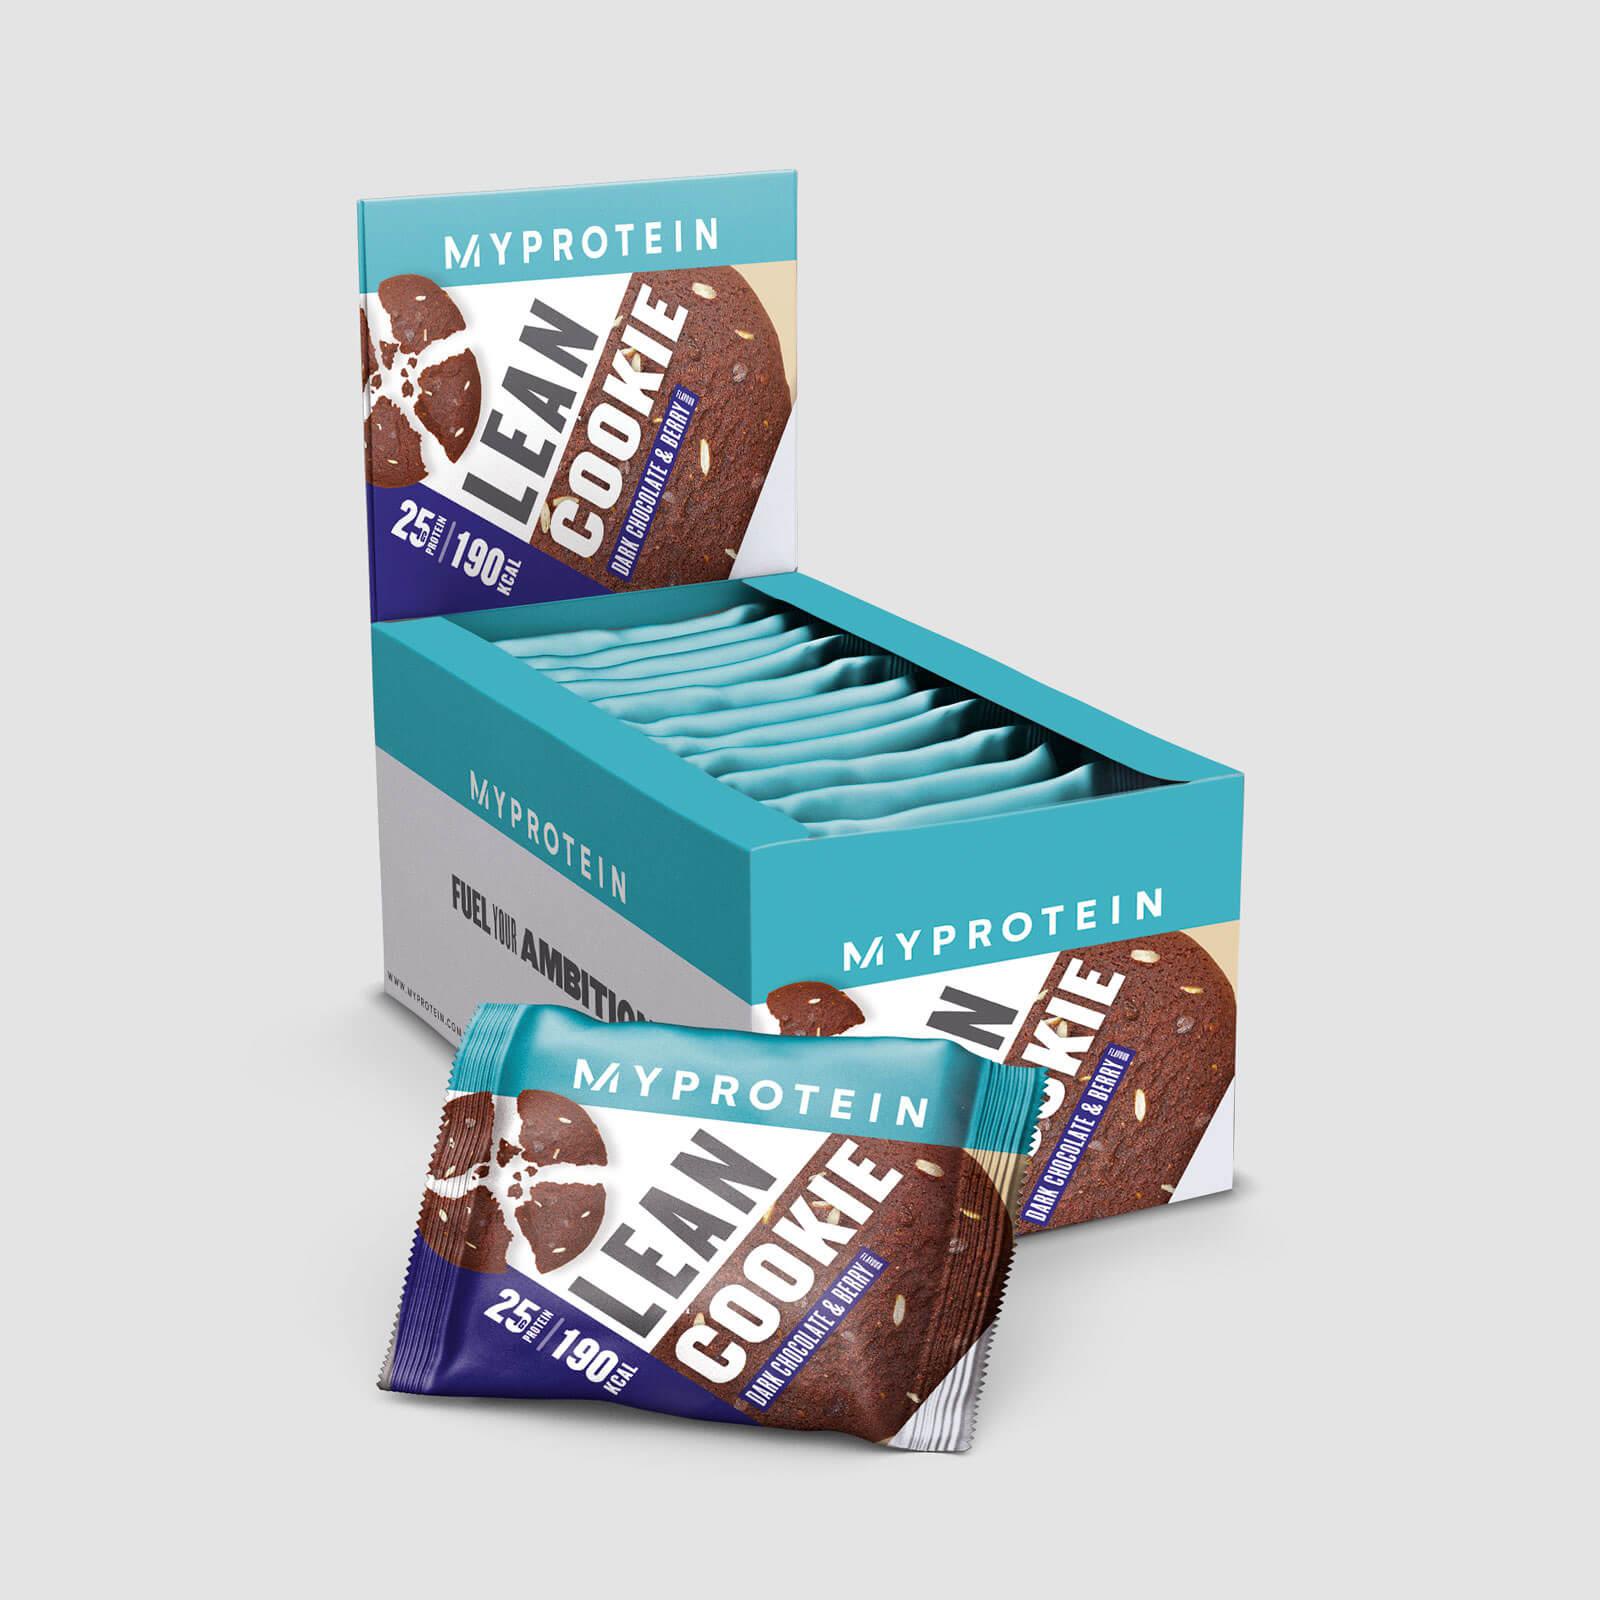 Myprotein Cookie Allégé - Dark Chocolate and Berry